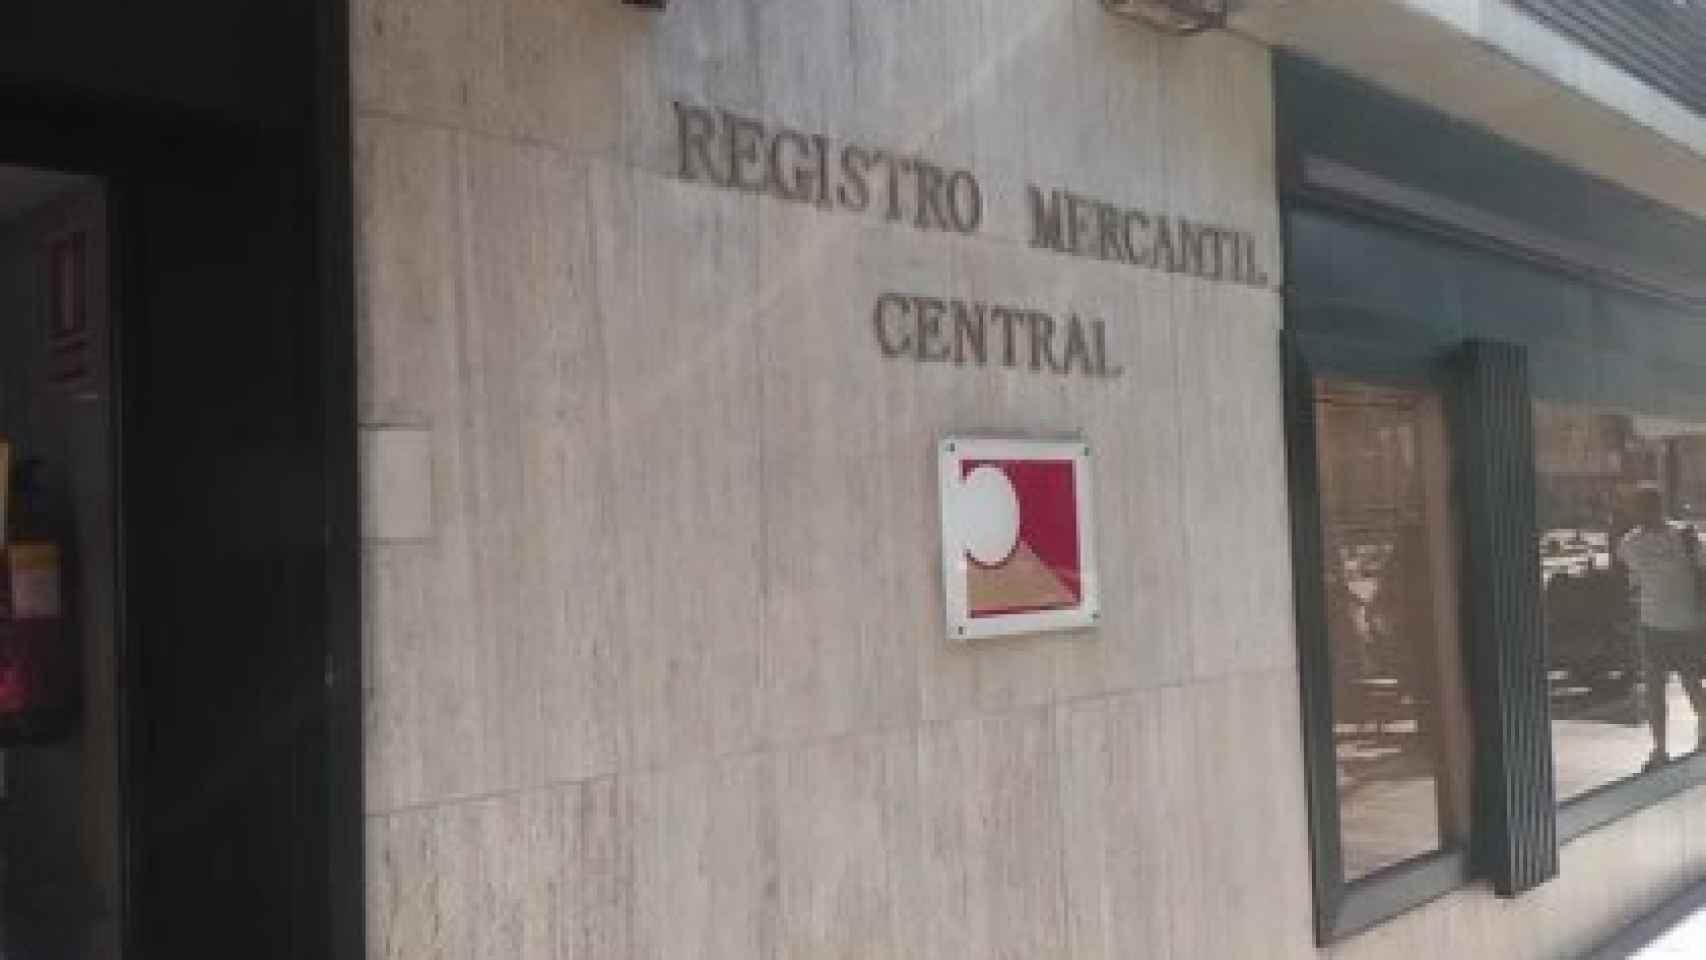 El Registro Mercantil.